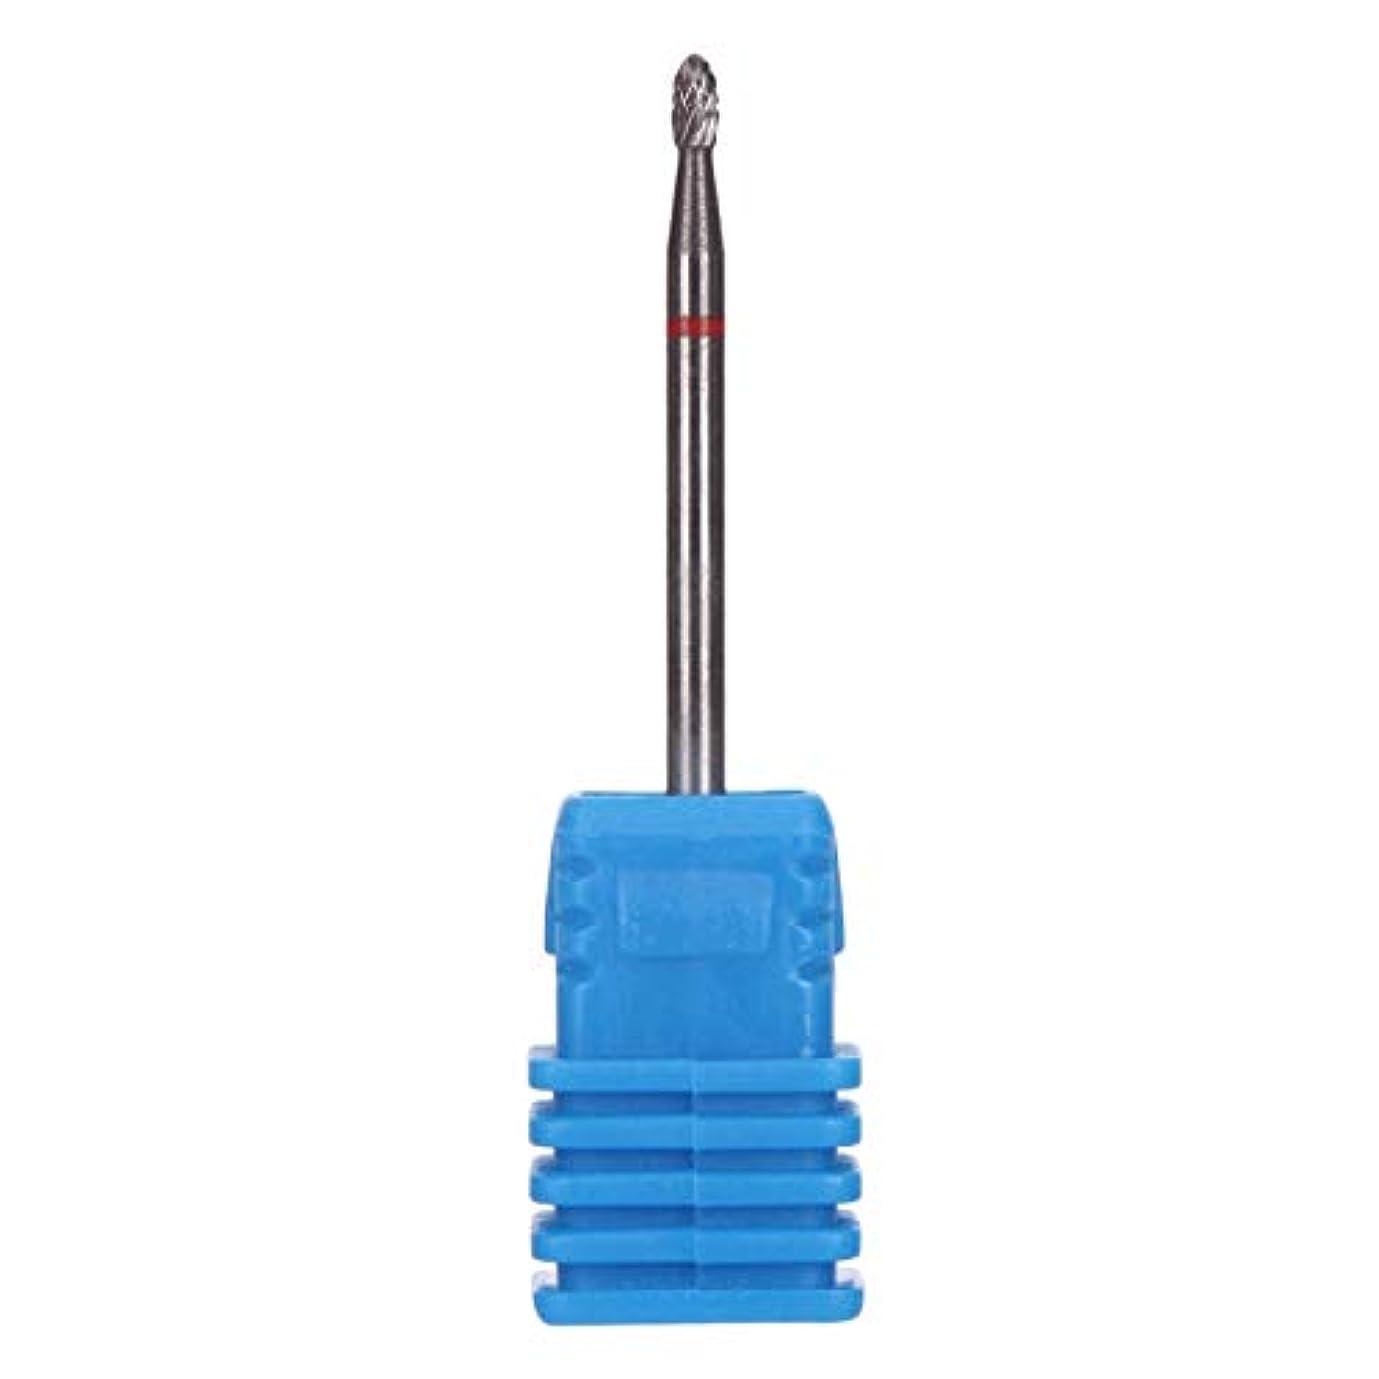 基礎理論歌詞発行OU-Kunmlef 釘芸術美しさカッター研削タングステン鋼研磨フライドマニキュアペディキュア釘(None S-H0103 Elliptical)